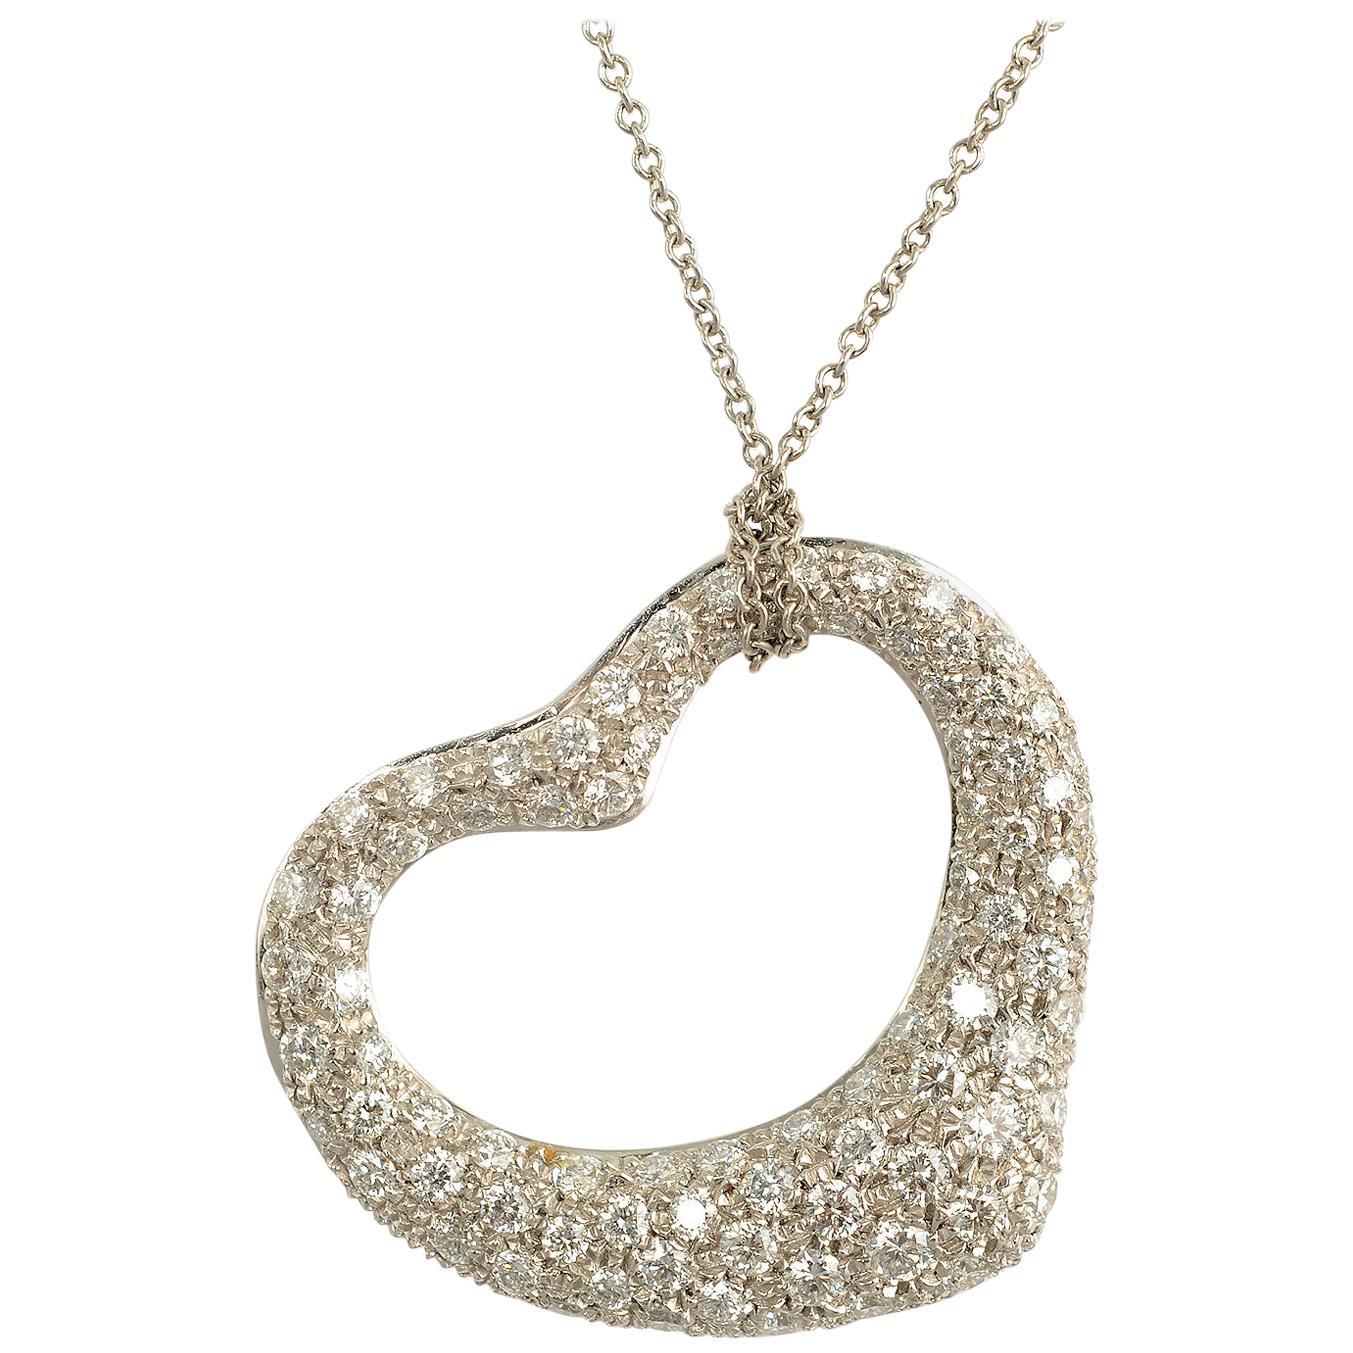 Tiffany & Co. Diamond Heart Pendant Necklace